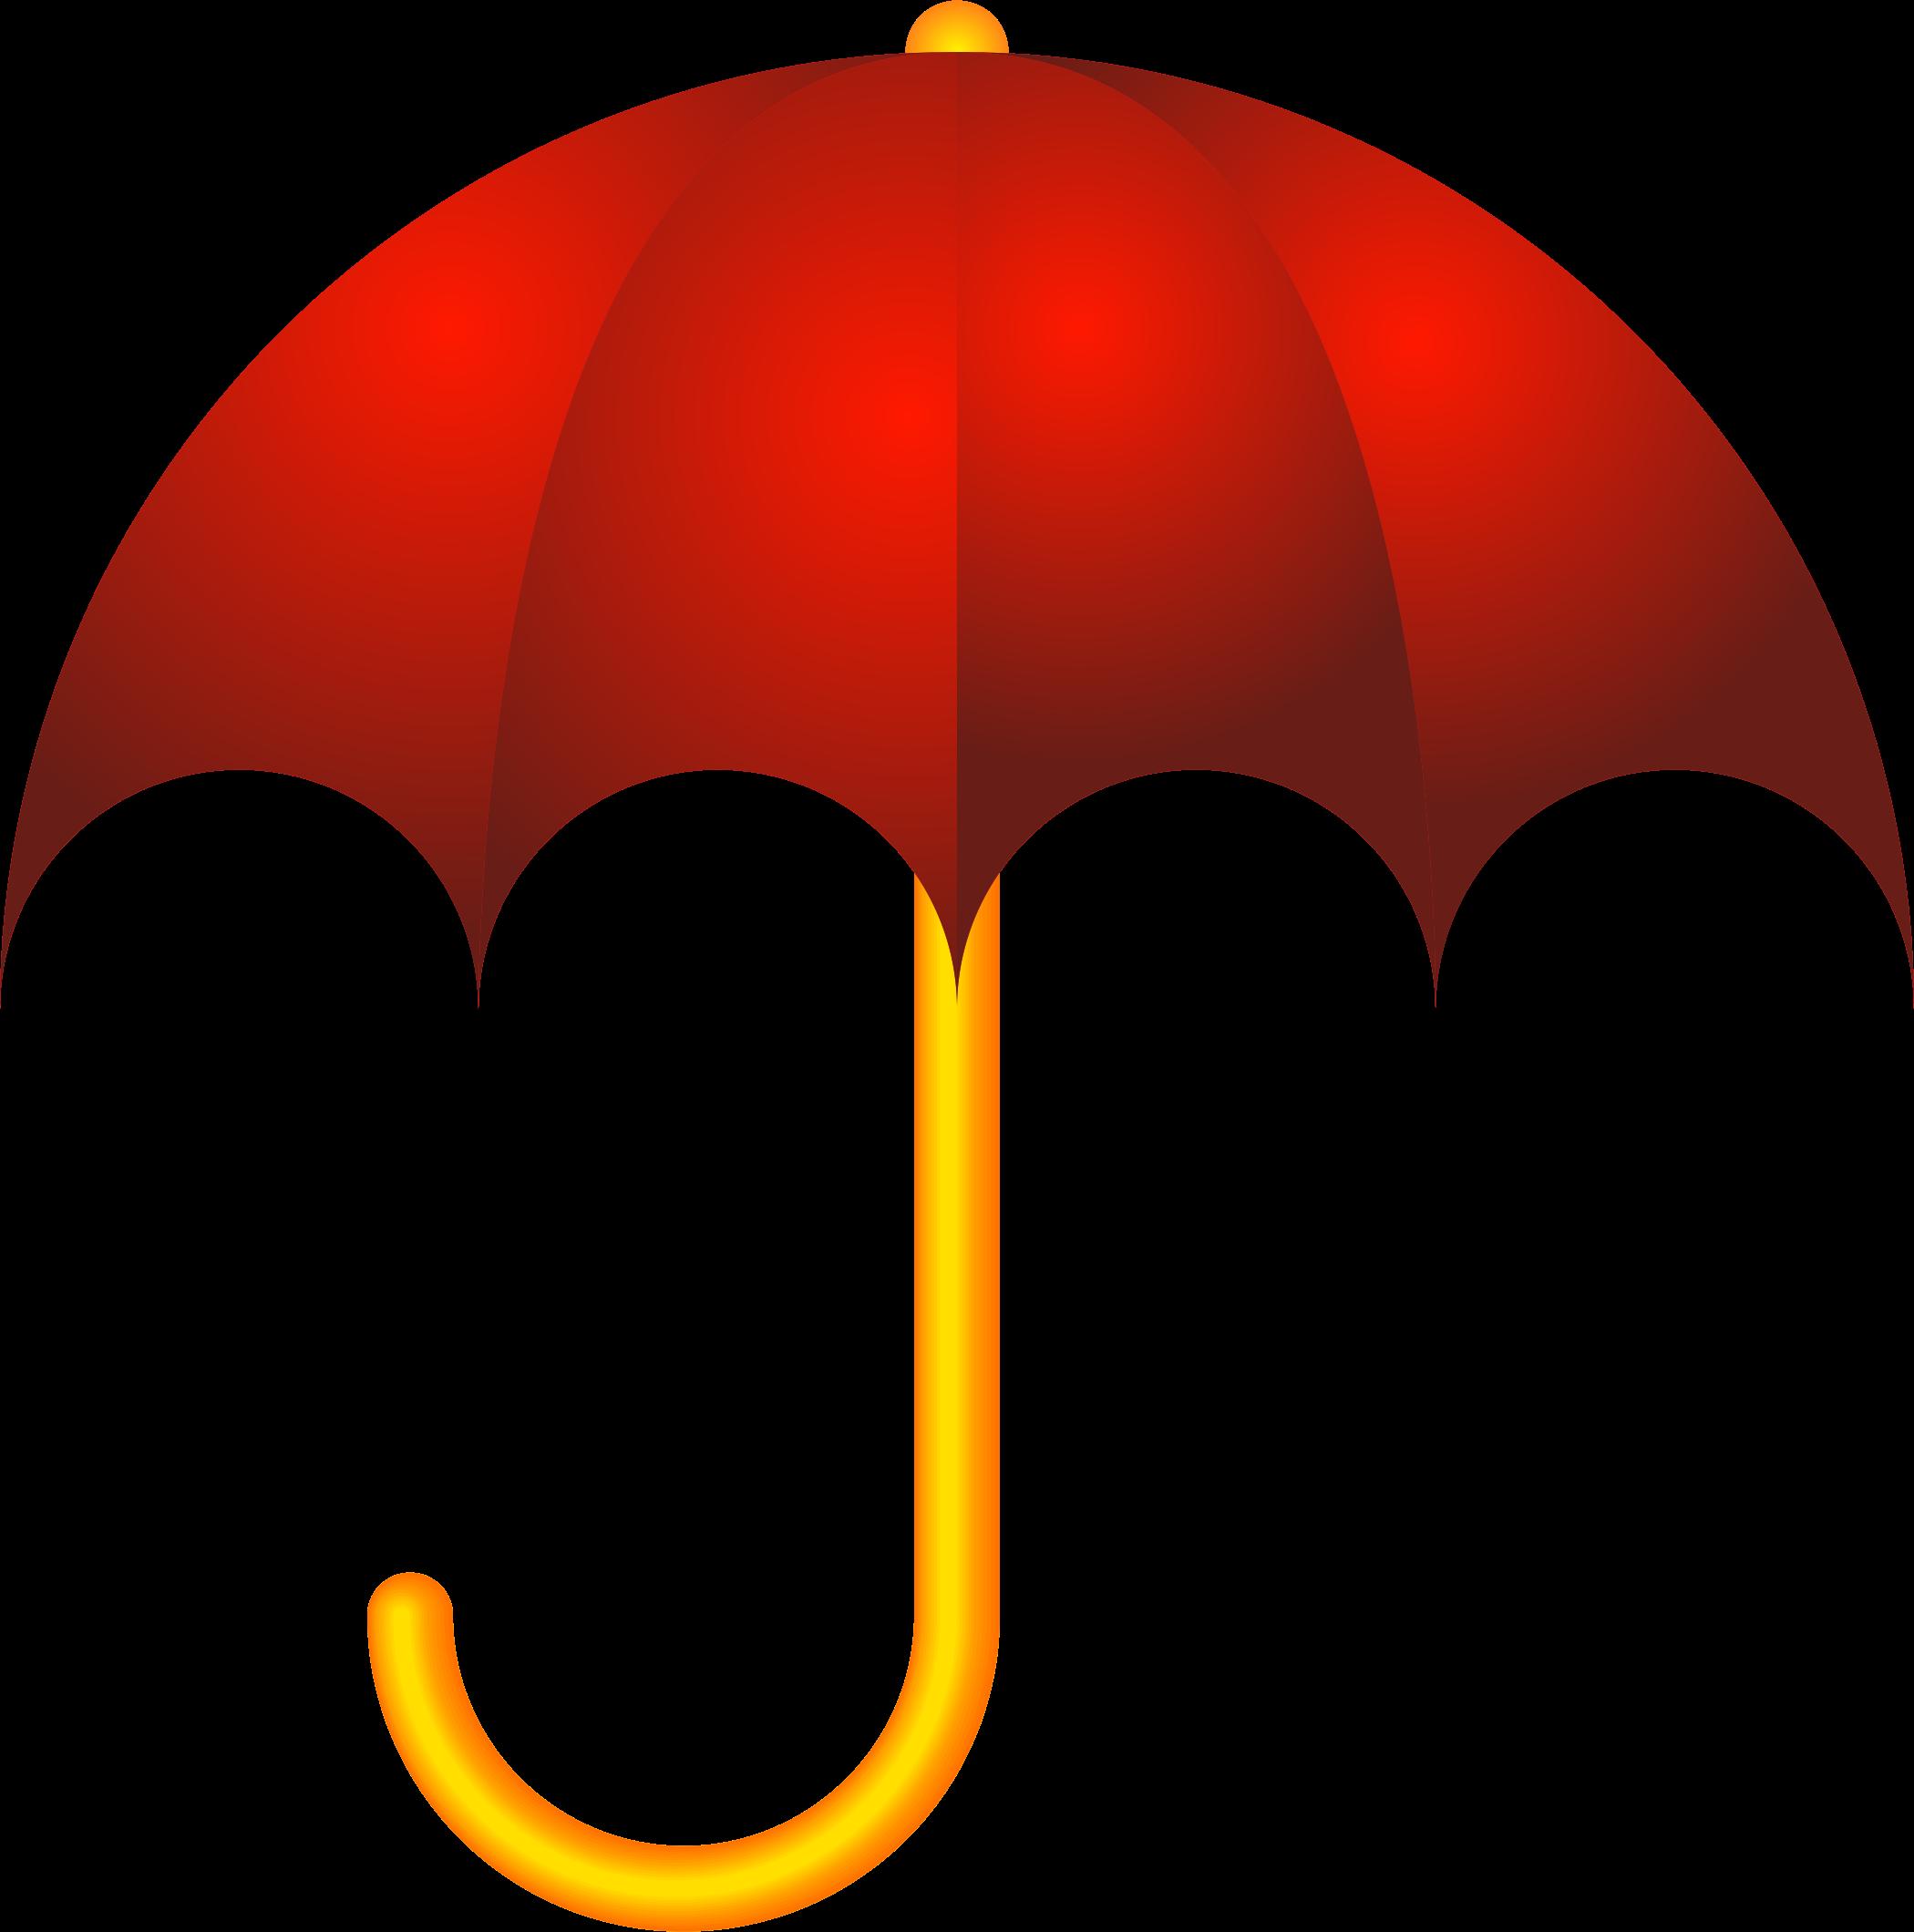 Clipart rain spring. Umbrella